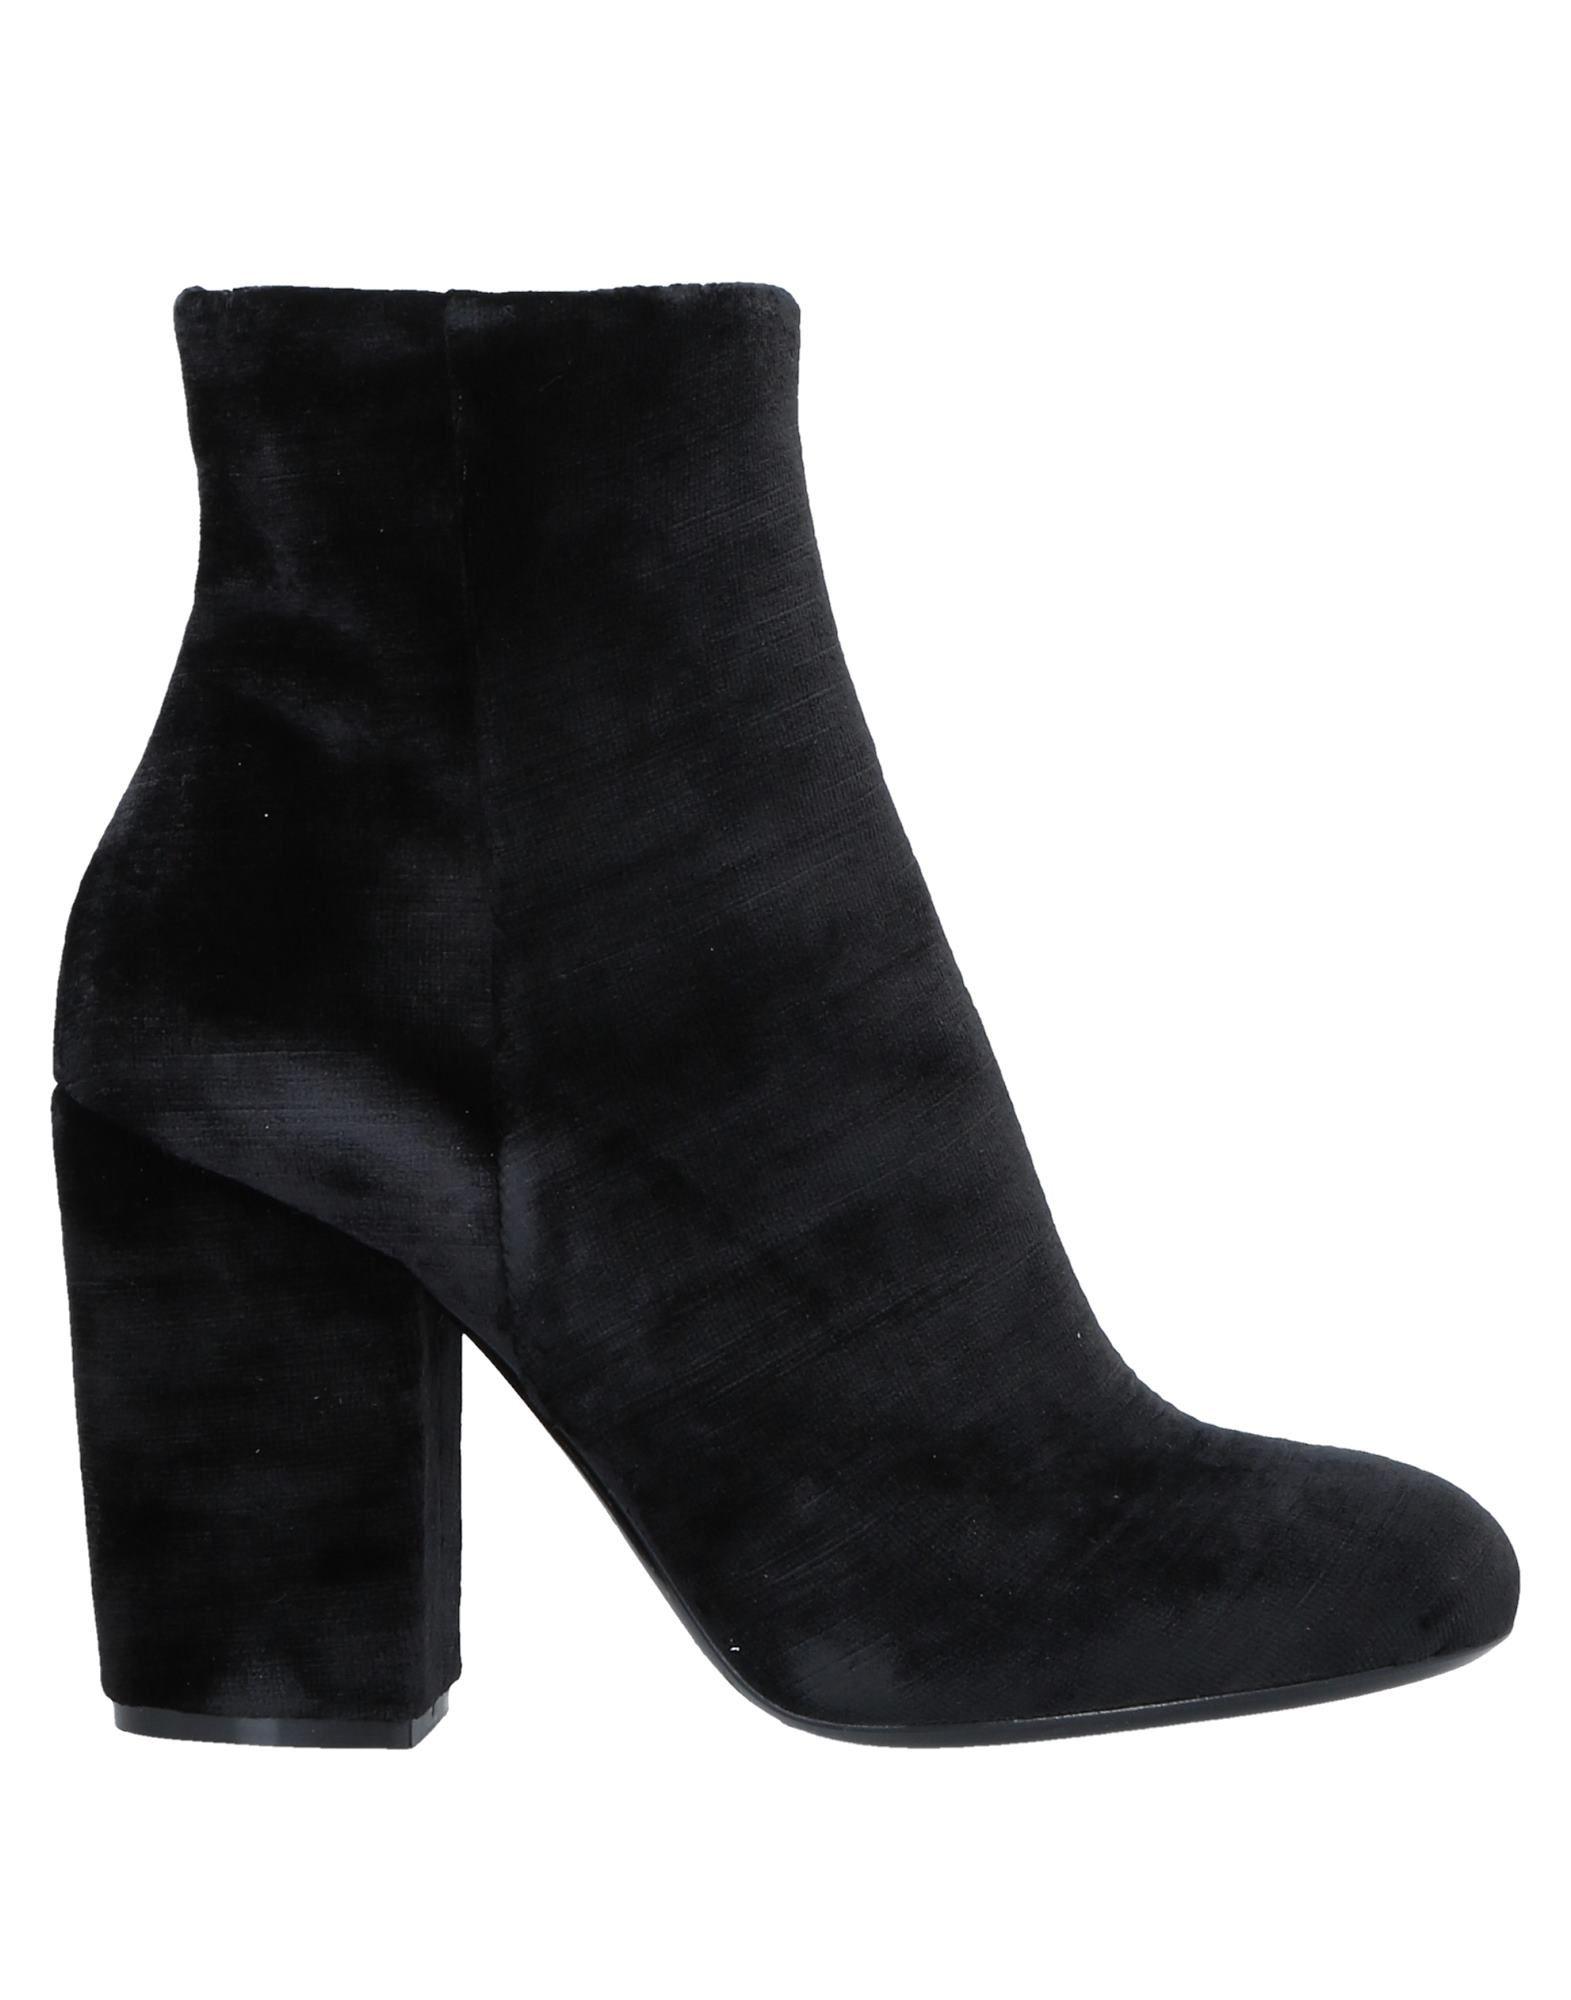 Bottine Strategia Femme - Bottines Strategia Noir Nouvelles chaussures pour hommes et femmes, remise limitée dans le temps